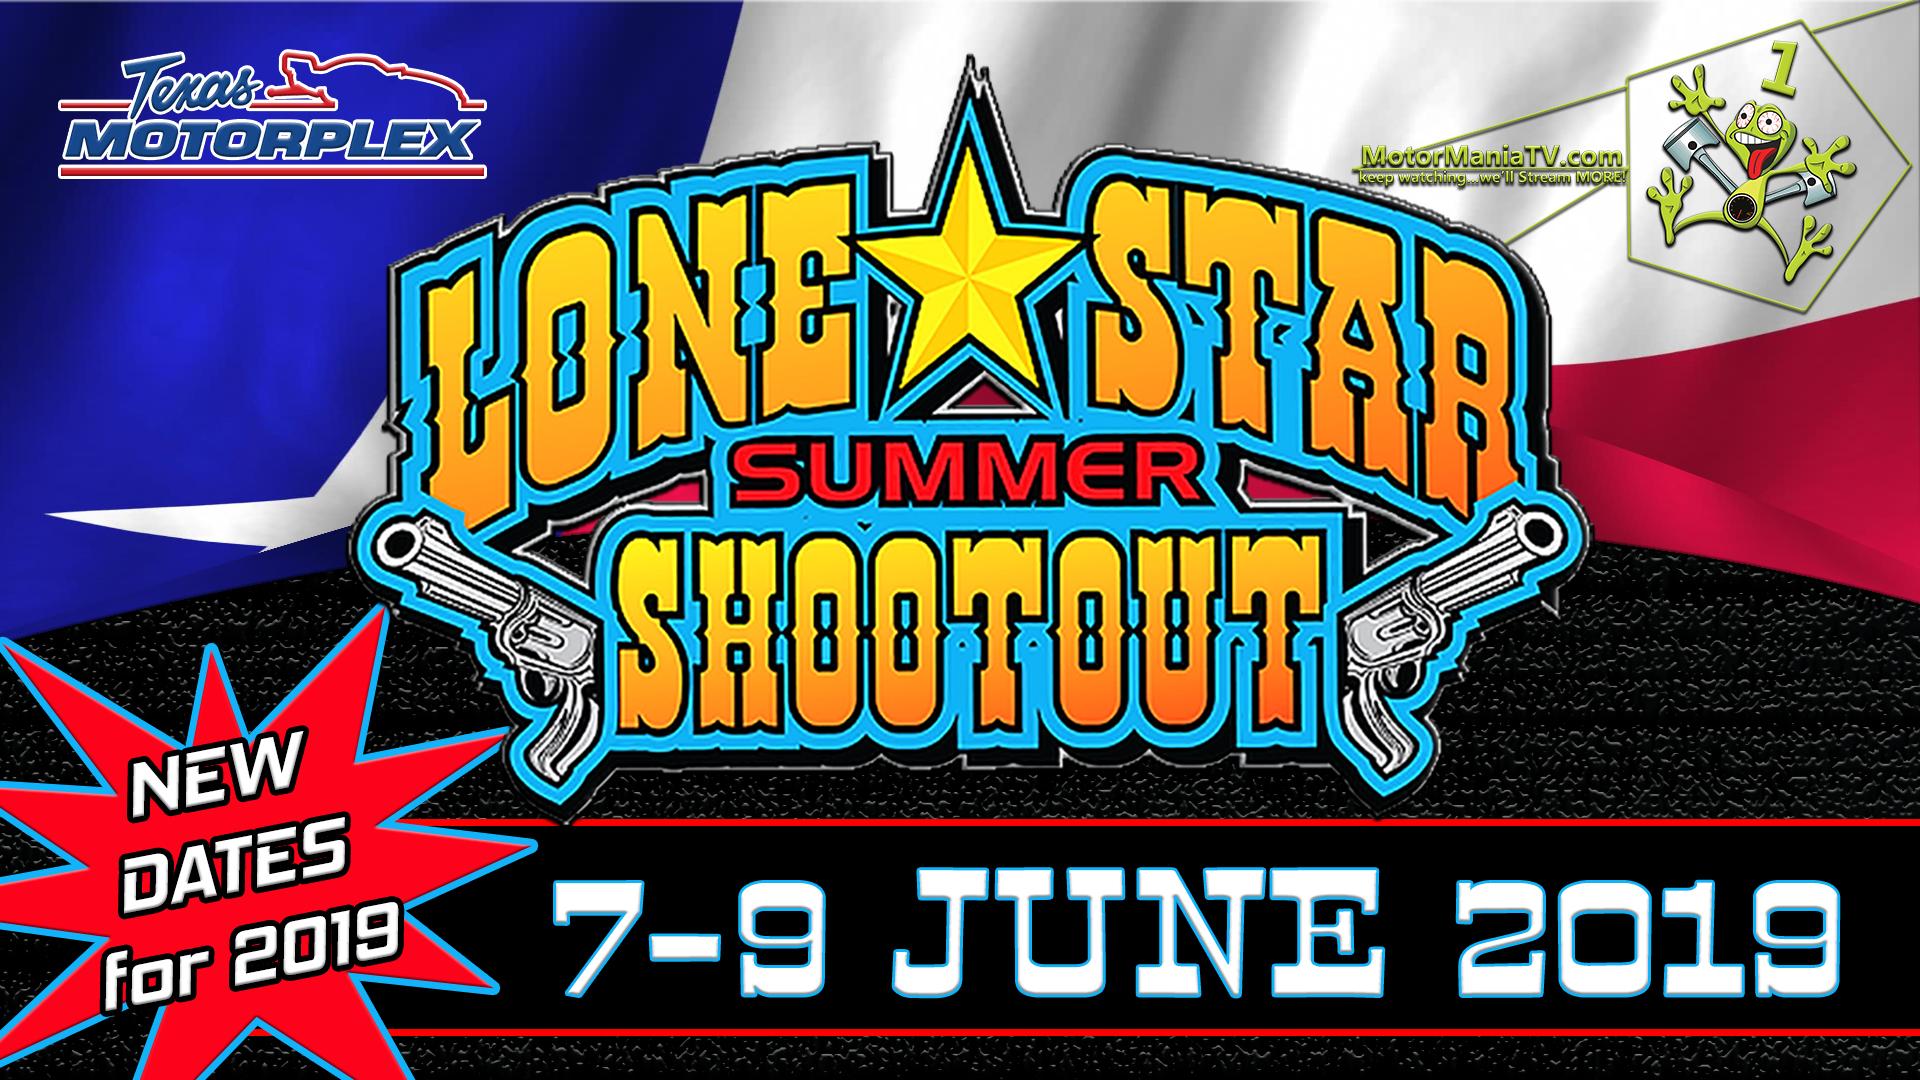 June7-9_LSshootout2019_Wps3